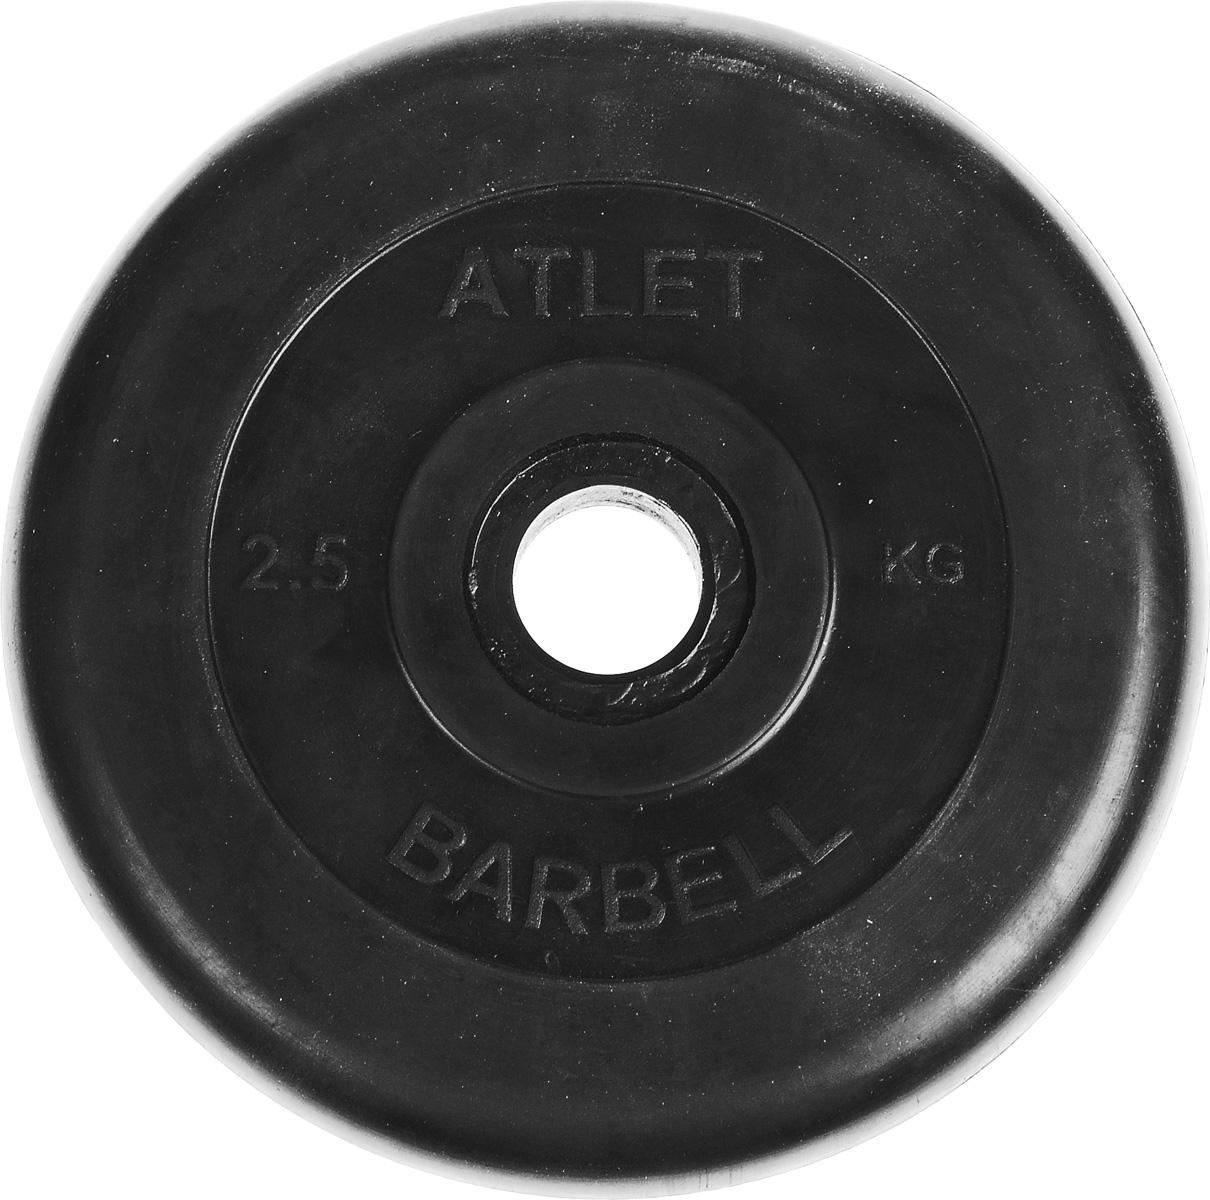 Диск обрезиненный MB Atlet, цвет: черный, 2,5 кг28260625Самым известным снарядом для силовых тренировок являются штанги и наборные гантели. За счет съемных дисков разного размера и массы вы можете оптимизировать собственную программу тренировки или с успехом следовать той, что разработал тренер. Меняя блины на штанге и постепенно увеличивая нагрузку, вы в состоянии добиться отличных результатов и без посещения тренажерного зала. Диски MB Atlet выполнены из вулканизированного каучука, внутри металлическая стружка. Наибольшее распространение для использования с гантелями получили диски с посадочным диаметром 26 мм, так называемого американского стандарта. Для домашних условий чаще всего применяются обрезиненные диски со специальным покрытием, которые не царапают пол и не гремят, не привлекая излишнее внимание соседей. Следует учитывать, что в процессе производства диска максимально допустимое отклонение веса может составлять +/- 50 г. Диаметр диска: 17 см. Толщина диска: 3 см. Посадочный диаметр: 2,6 см.